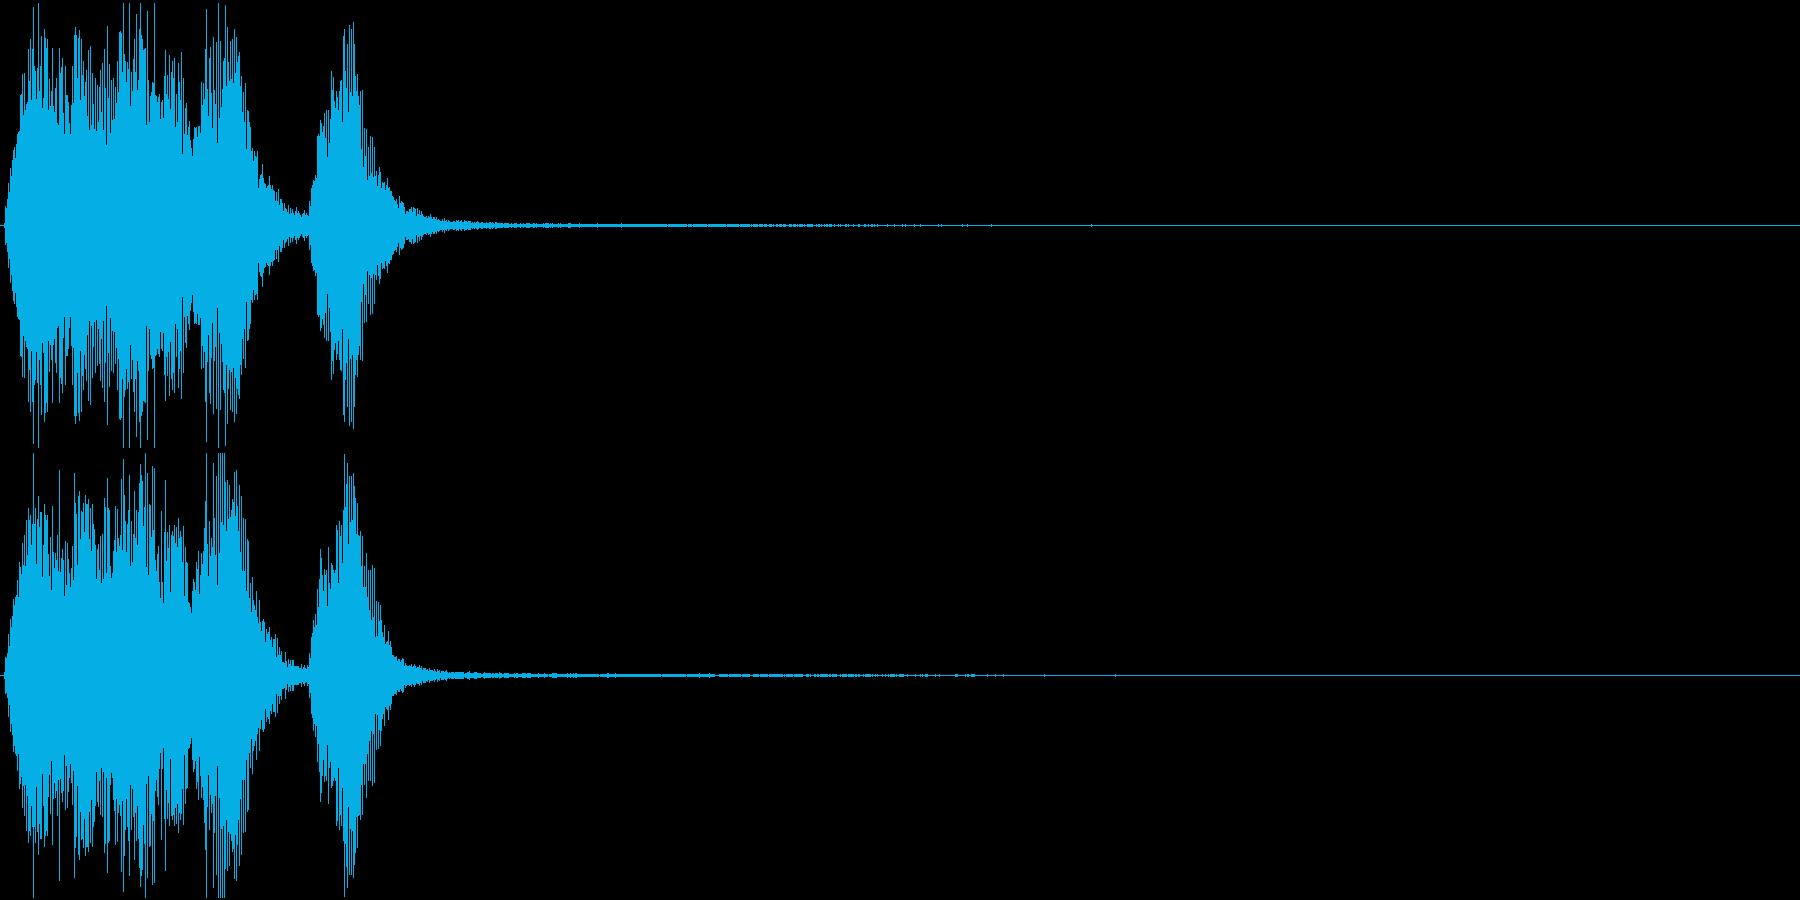 トランペット ファンファーレ 定番 24の再生済みの波形